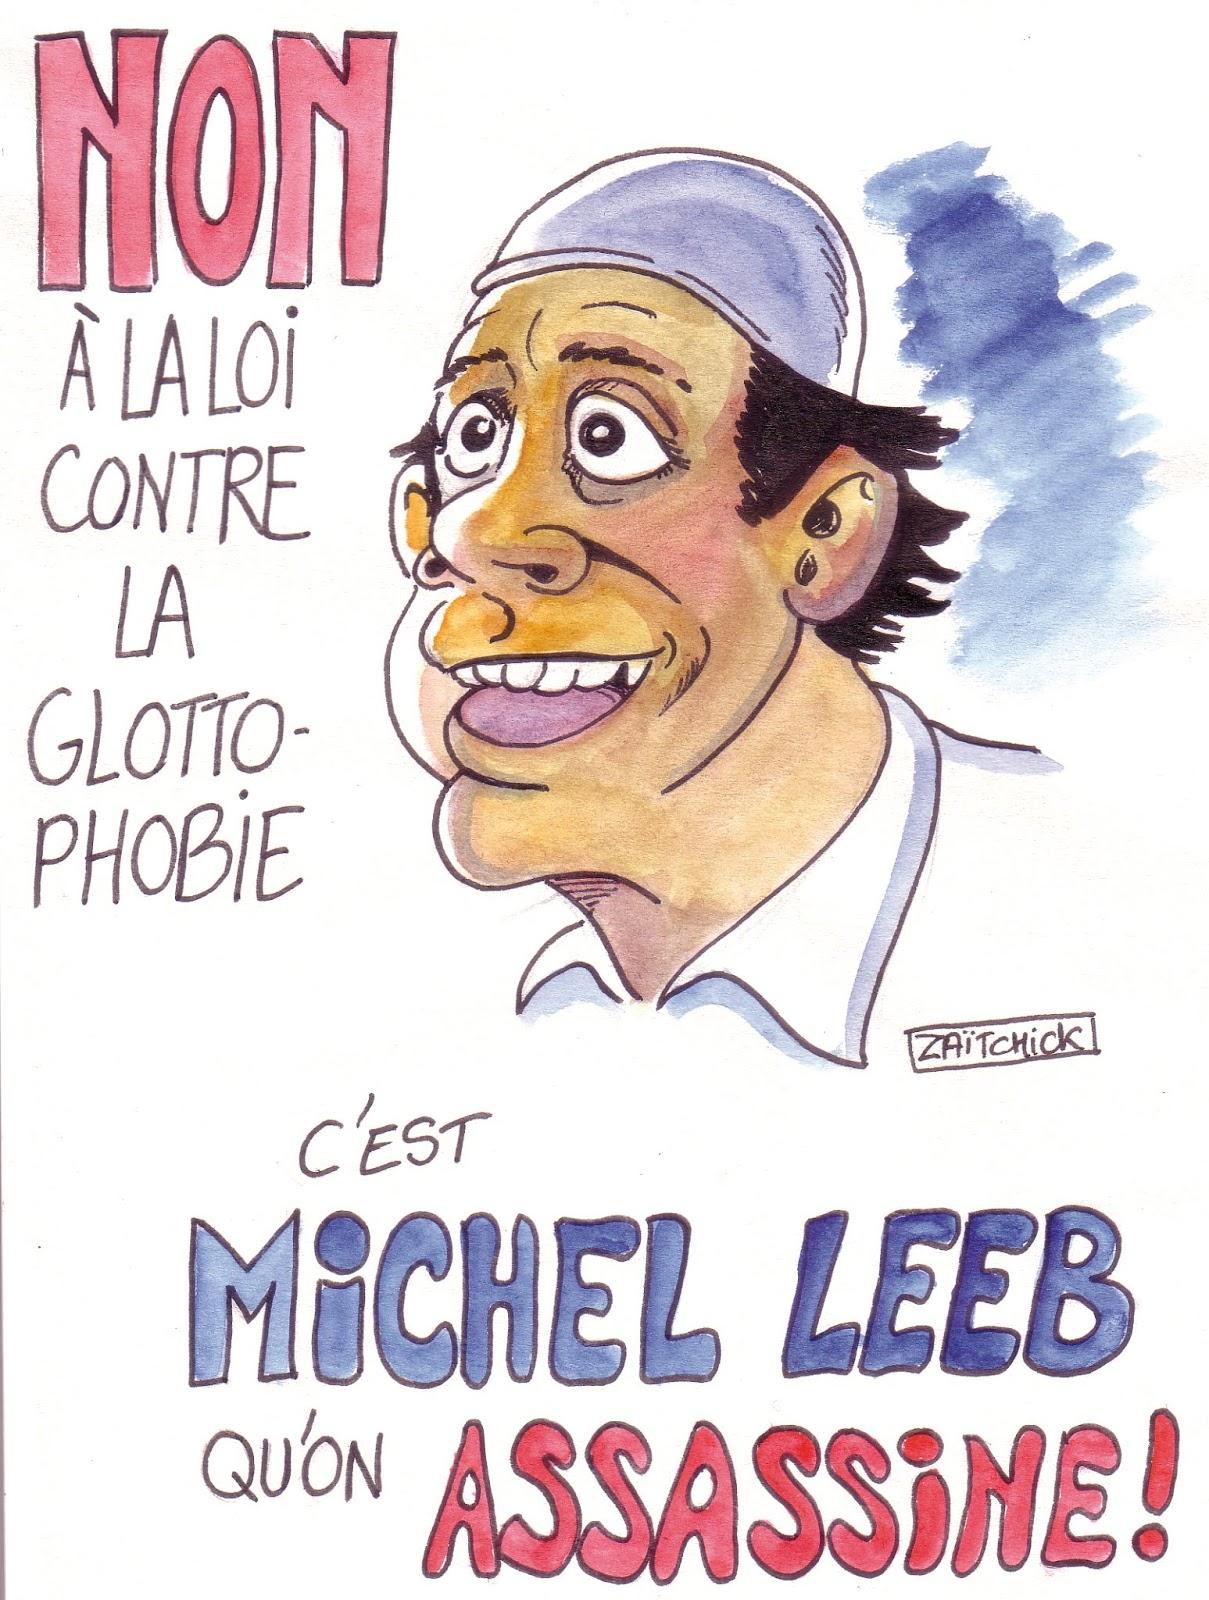 dessin d'actualité humoristique sur le projet de loi contre la glottophobie et Michel Leeb